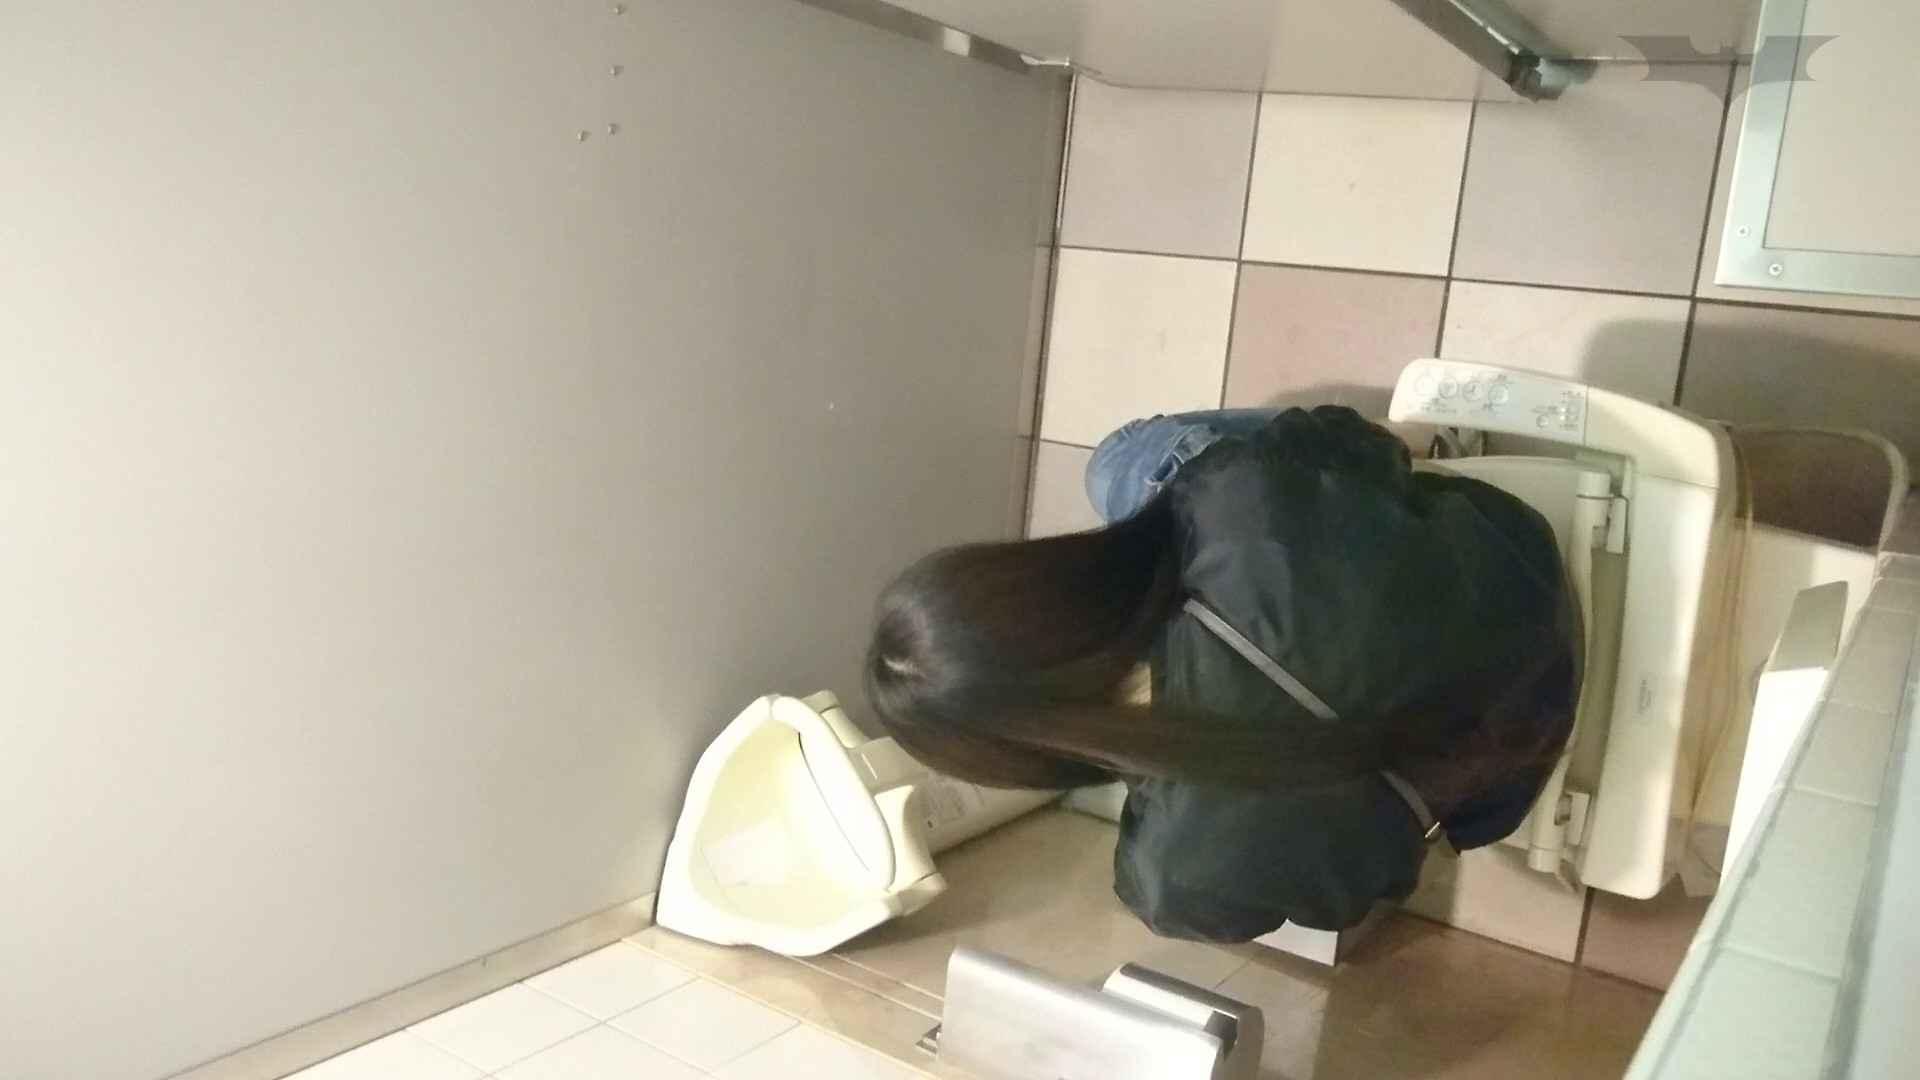 無修正エロ動画|化粧室絵巻 ショッピングモール編 VOL.14|怪盗ジョーカー